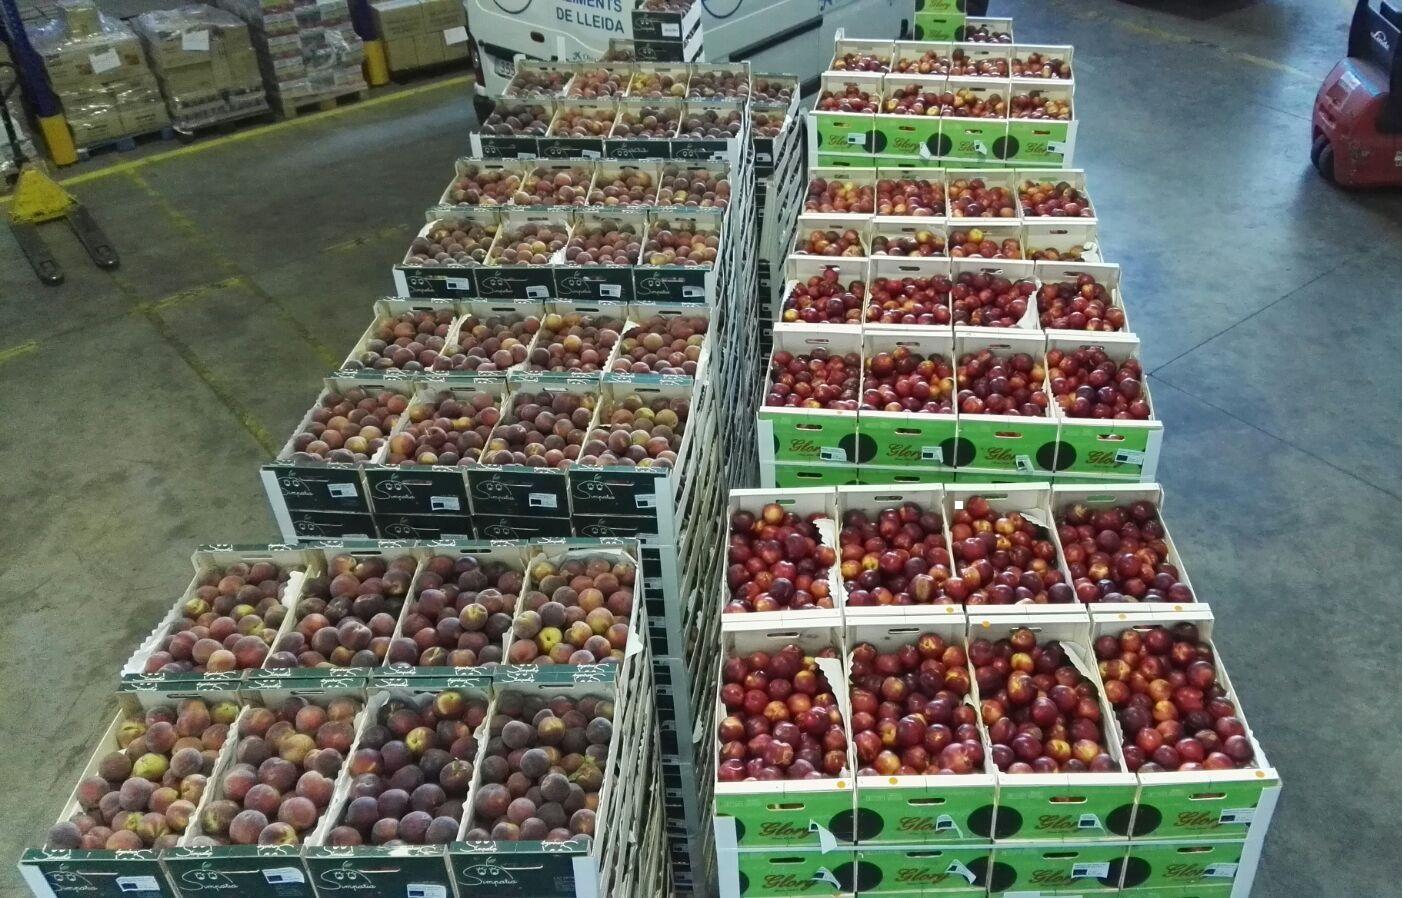 Donació de fruita i verdura retirada de mercat